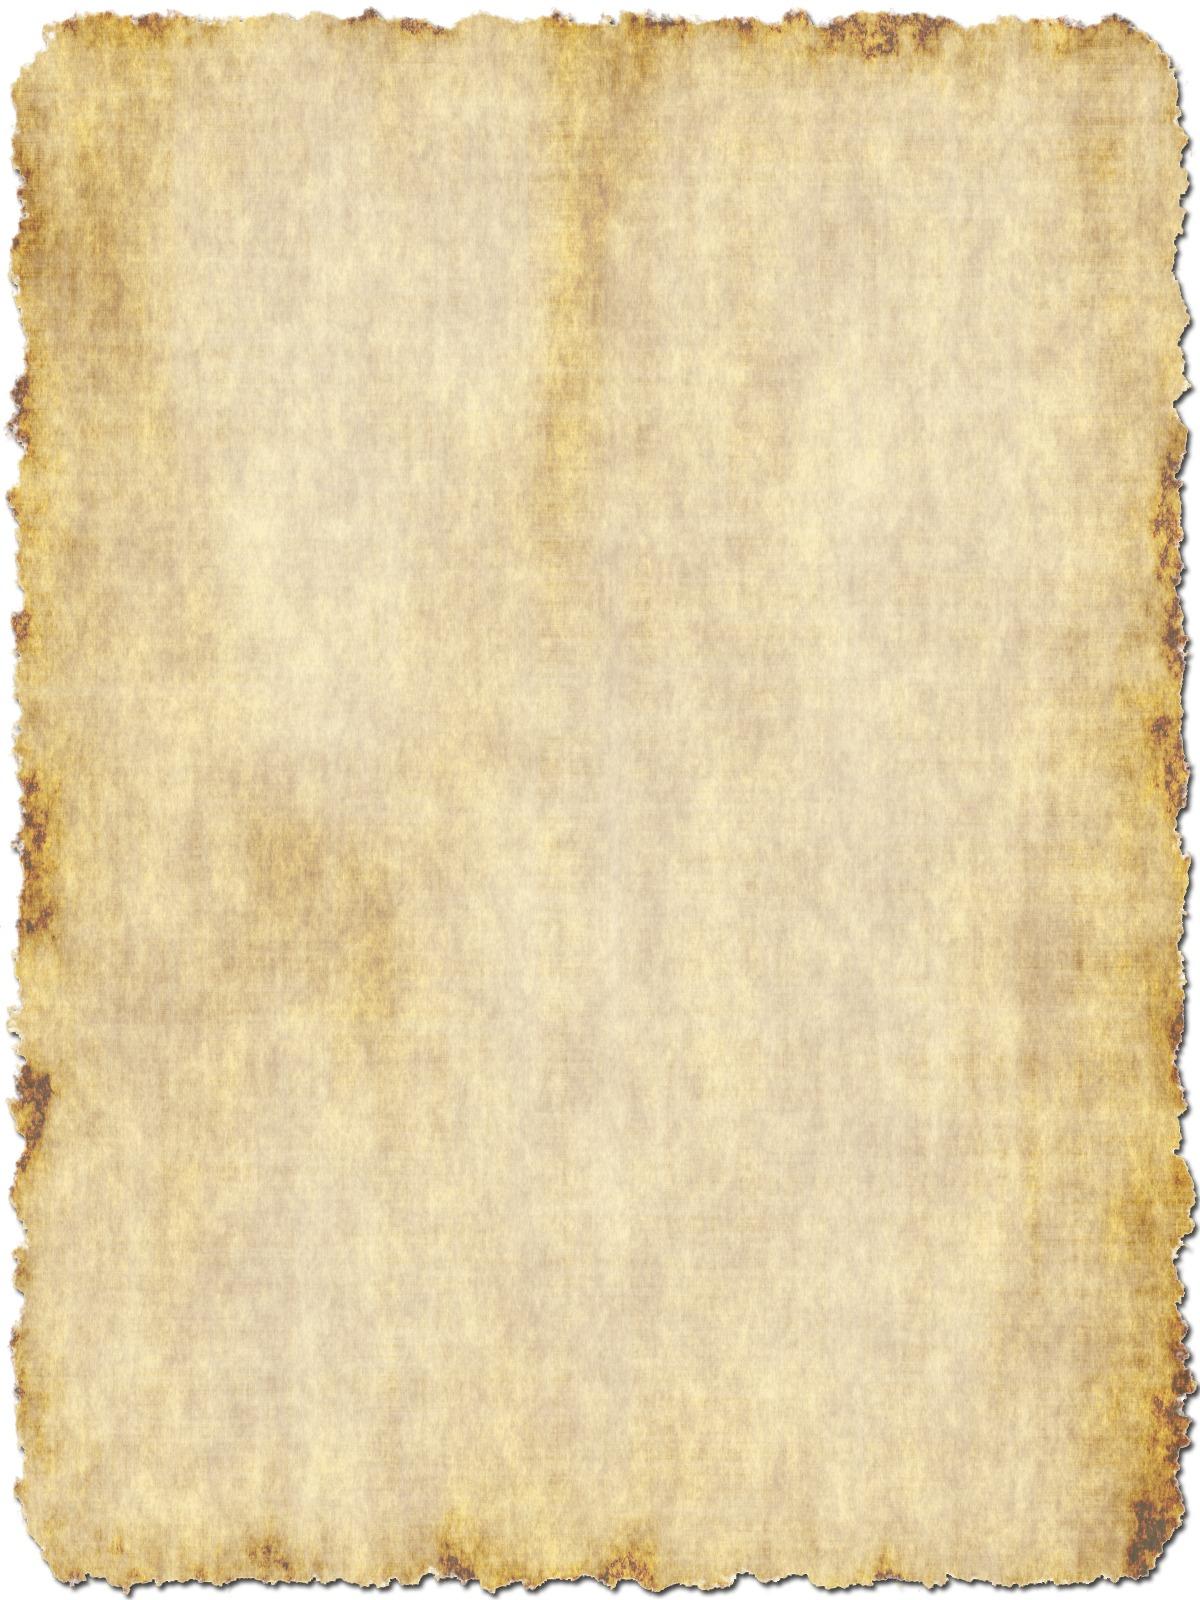 parchment paper texture